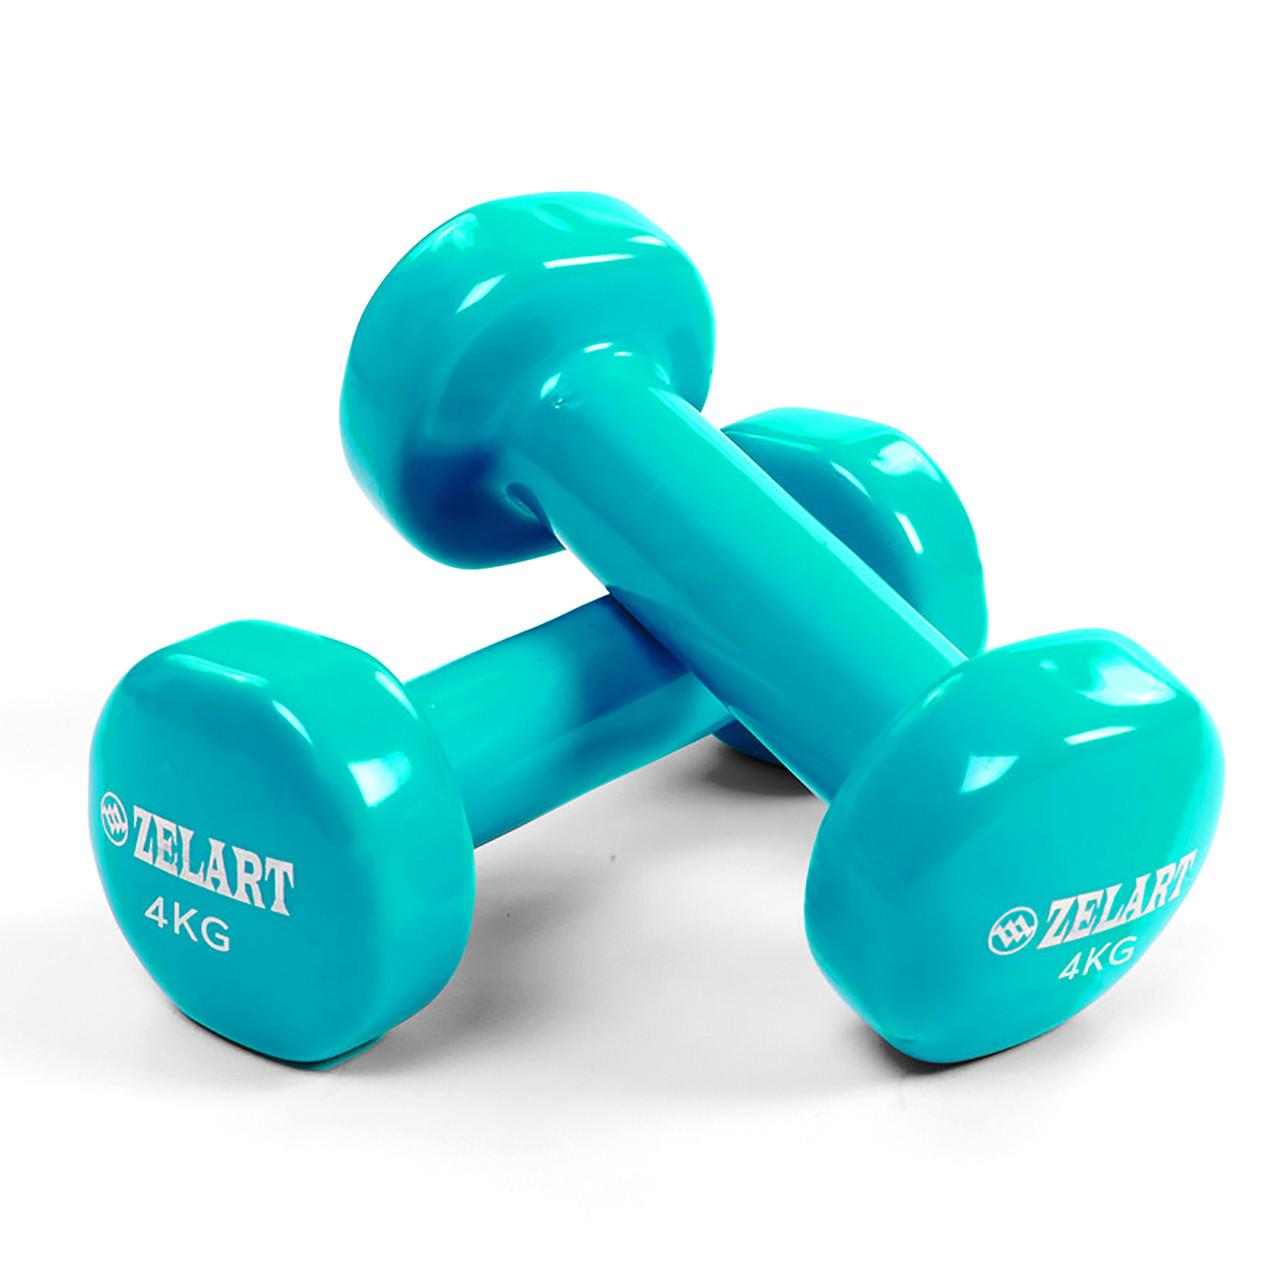 Гантели для фитнеса с виниловым покрытием 4 кг